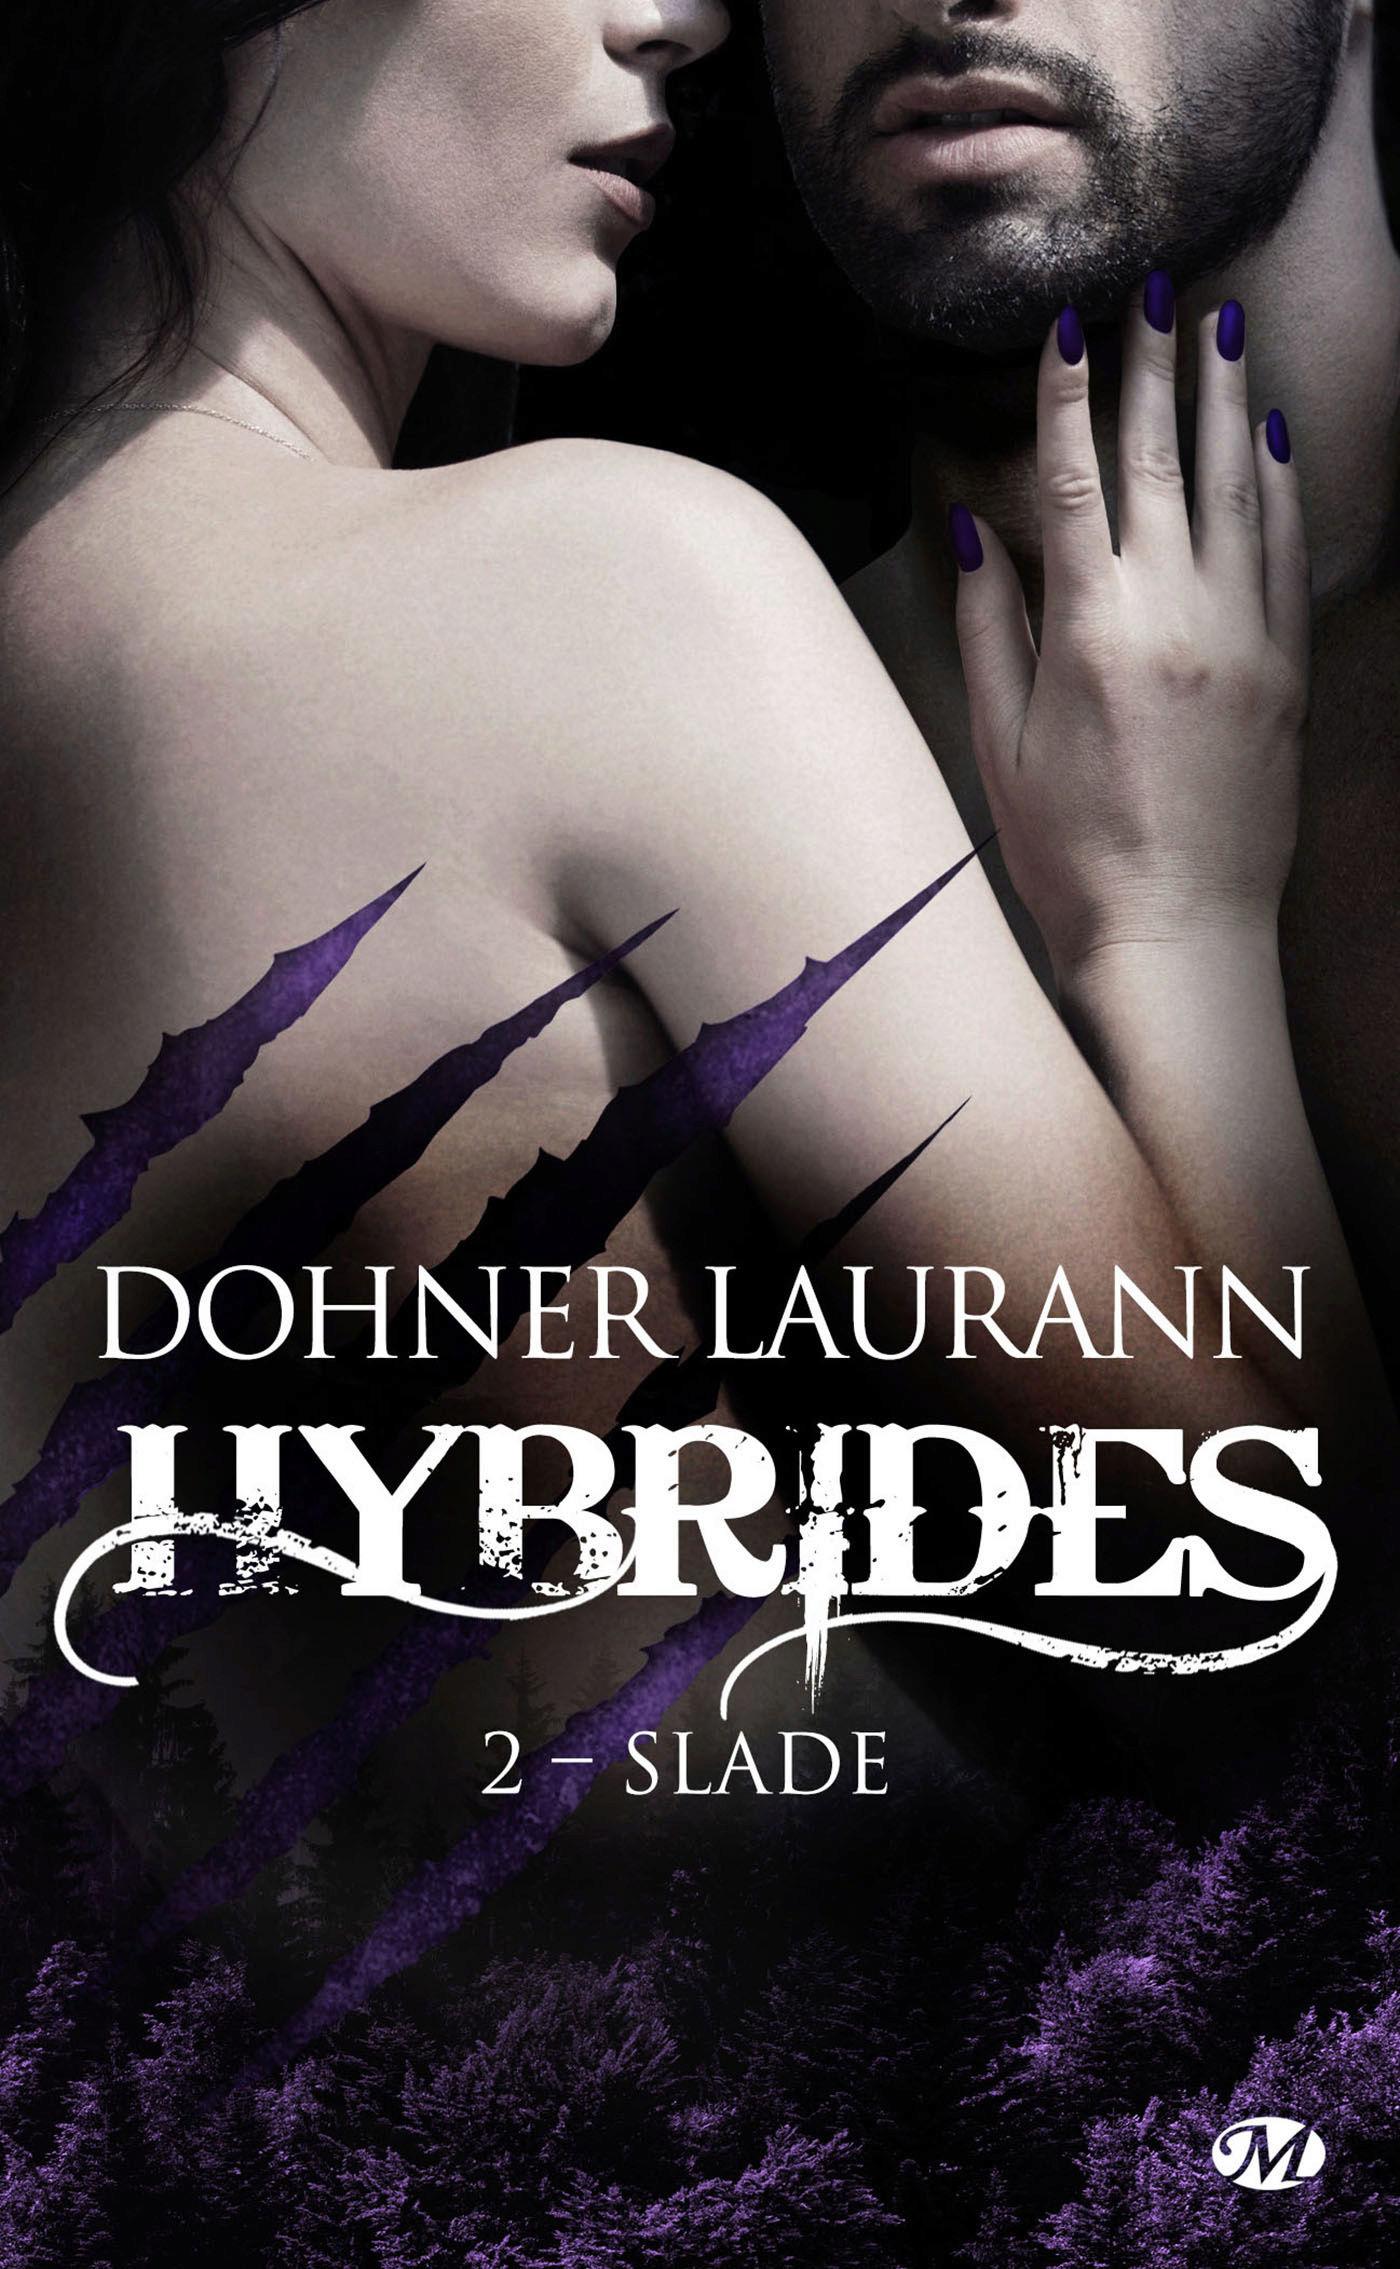 DOHNER Laurann - HYBRIDES - Tome 2 : Slade Hybrid11